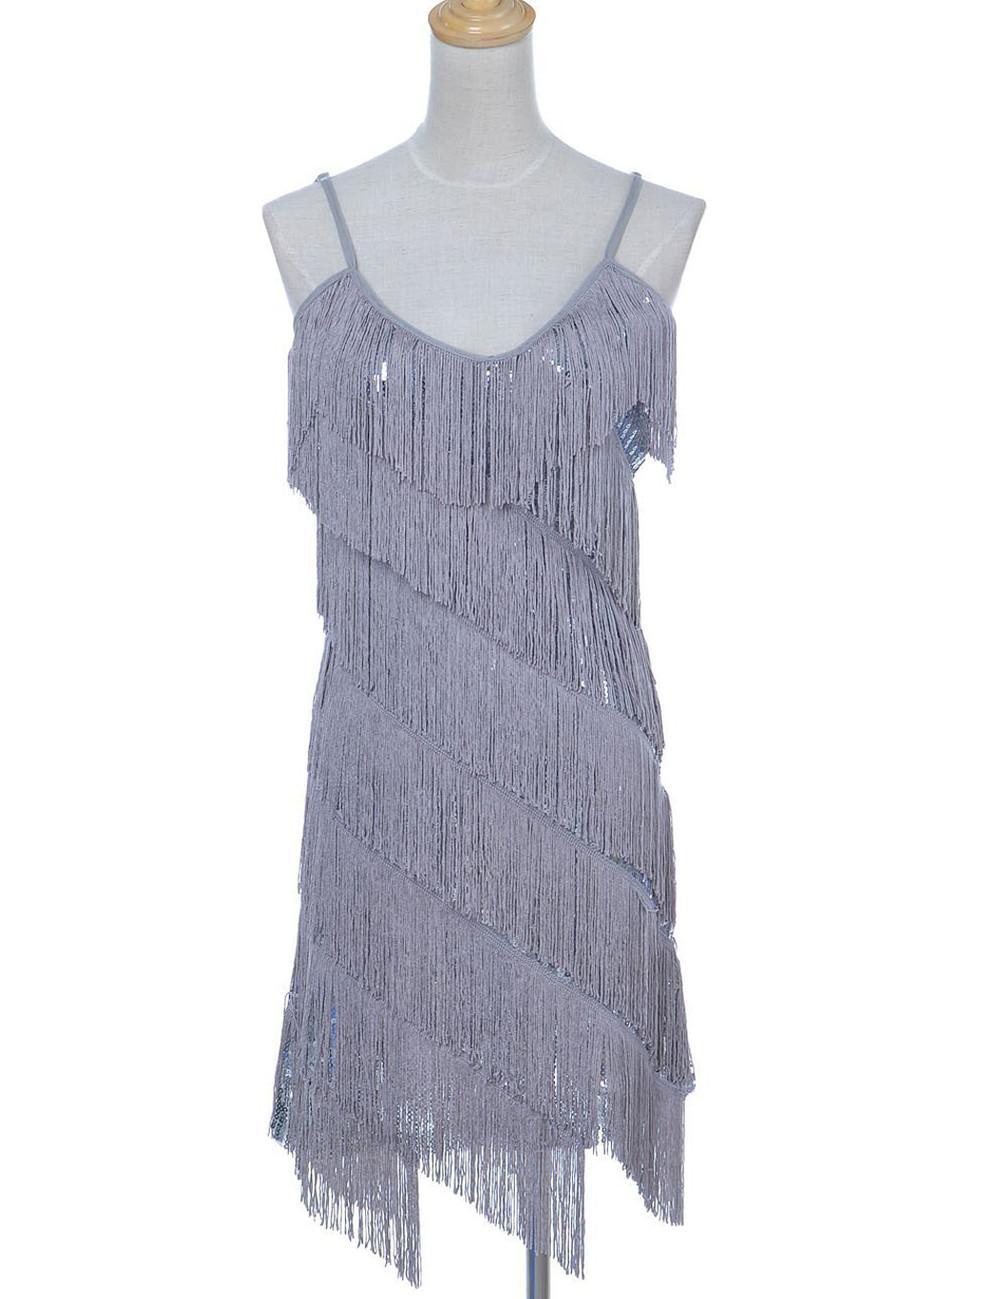 Sequin Fringe 1920s Flapper Inspired Dress - PrettyGuide